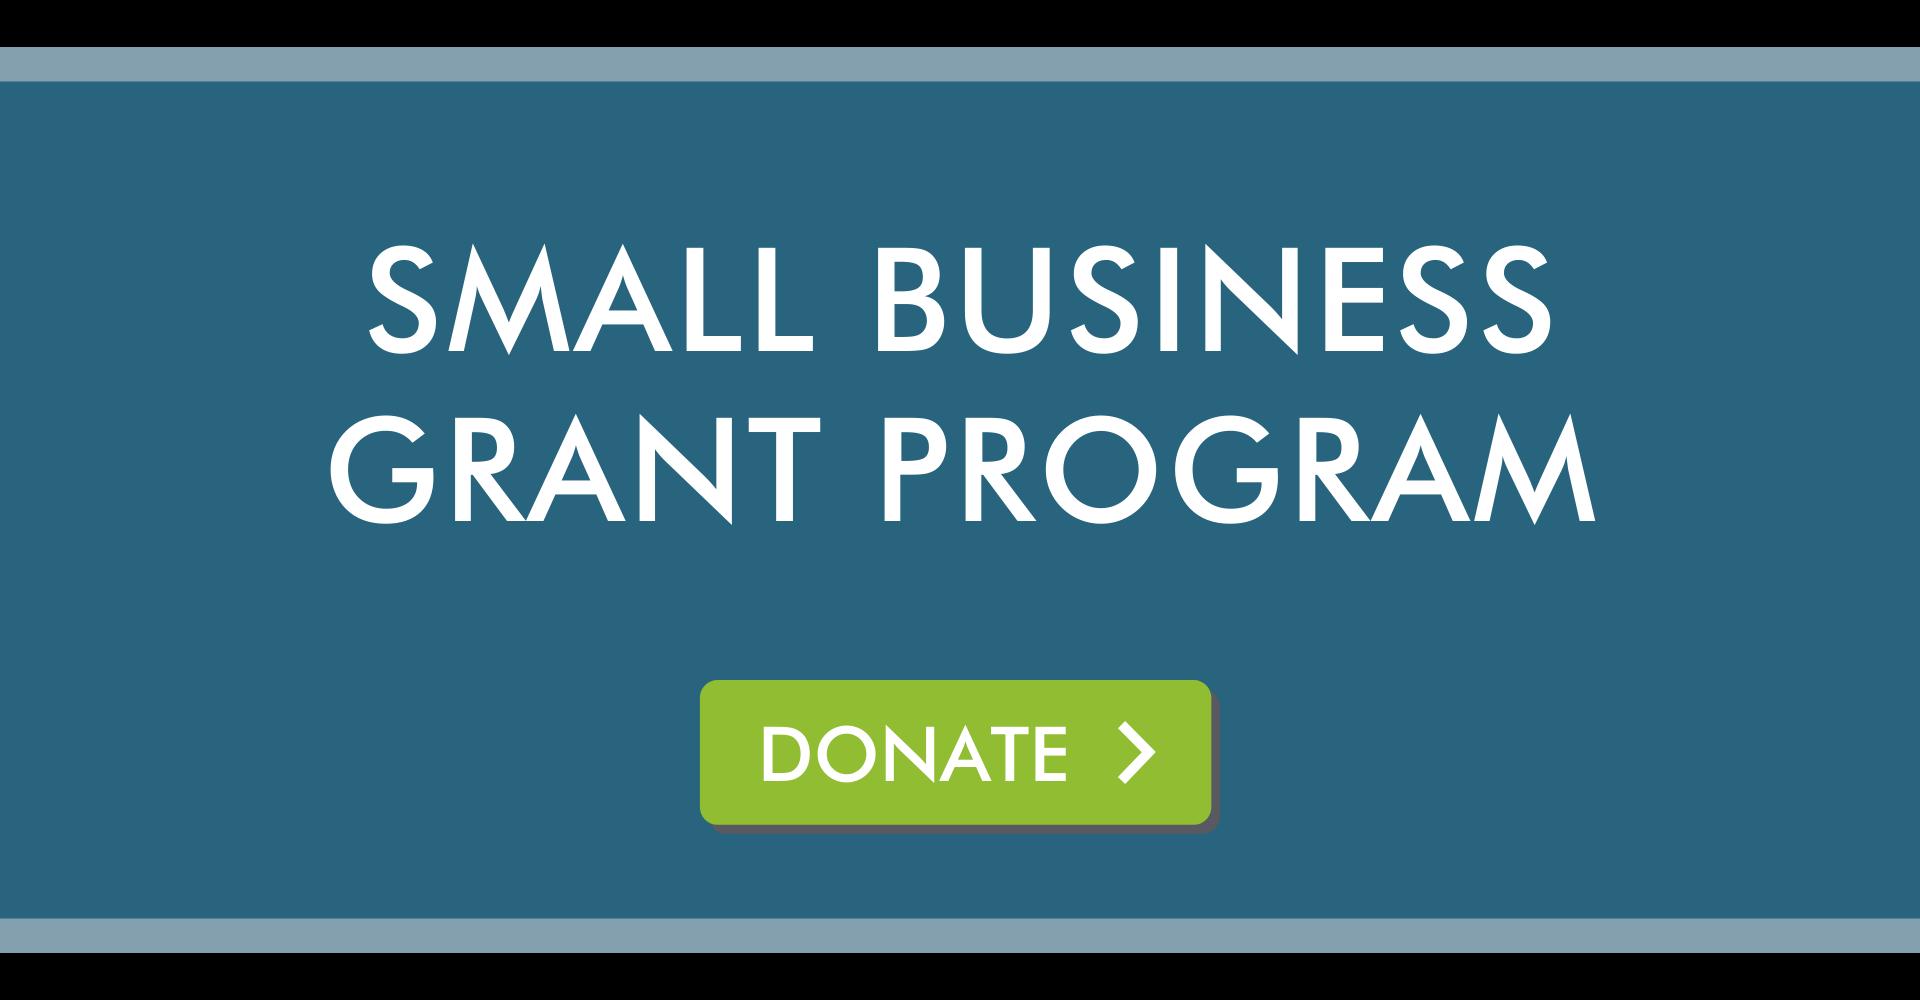 small business grant program donate cta